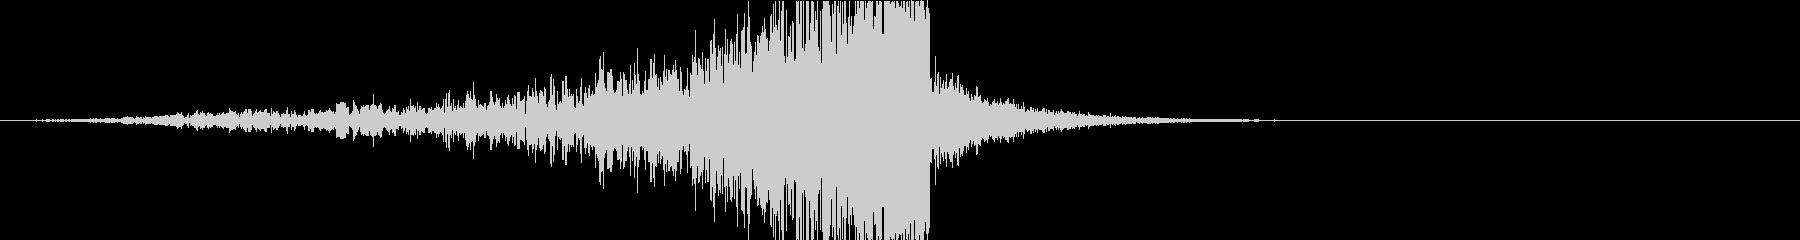 ドラマティックなリバース音36-01の未再生の波形